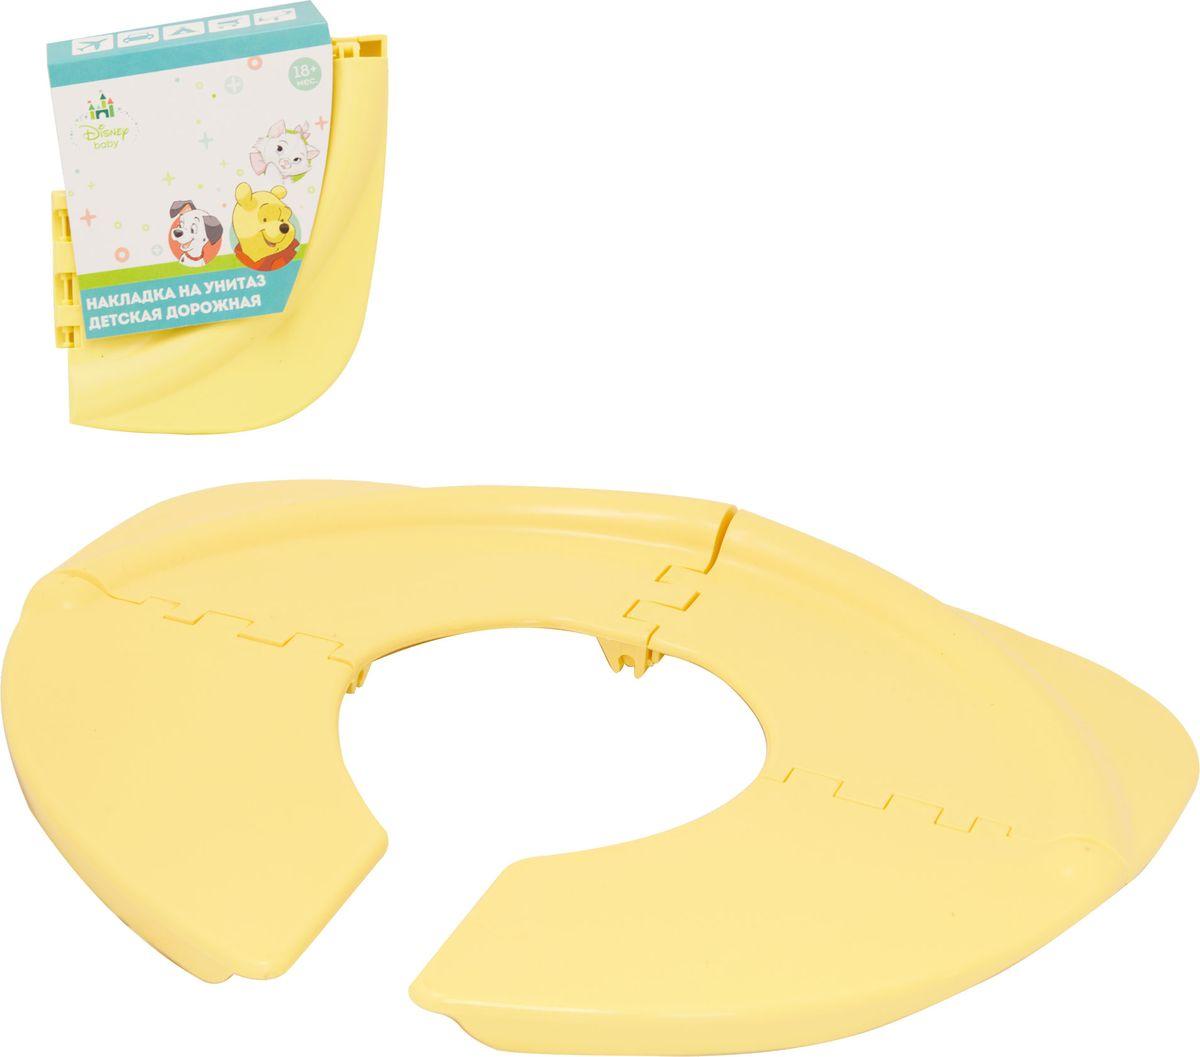 Disney Накладка на унитаз складная цвет банановый21100001Складная накладка на унитаз Disney сделает процесс приучения ребенка к взрослому унитазу быстрым и комфортным. Накладка имеет эргономичный дизайн, а складная конструкция обеспечивает компактное хранение и позволяет брать такую накладку с собой в дорогу. Накладка выполнена из прочного безопасного пластика яркого цвета, она легко моется и не впитывает неприятные запахи.